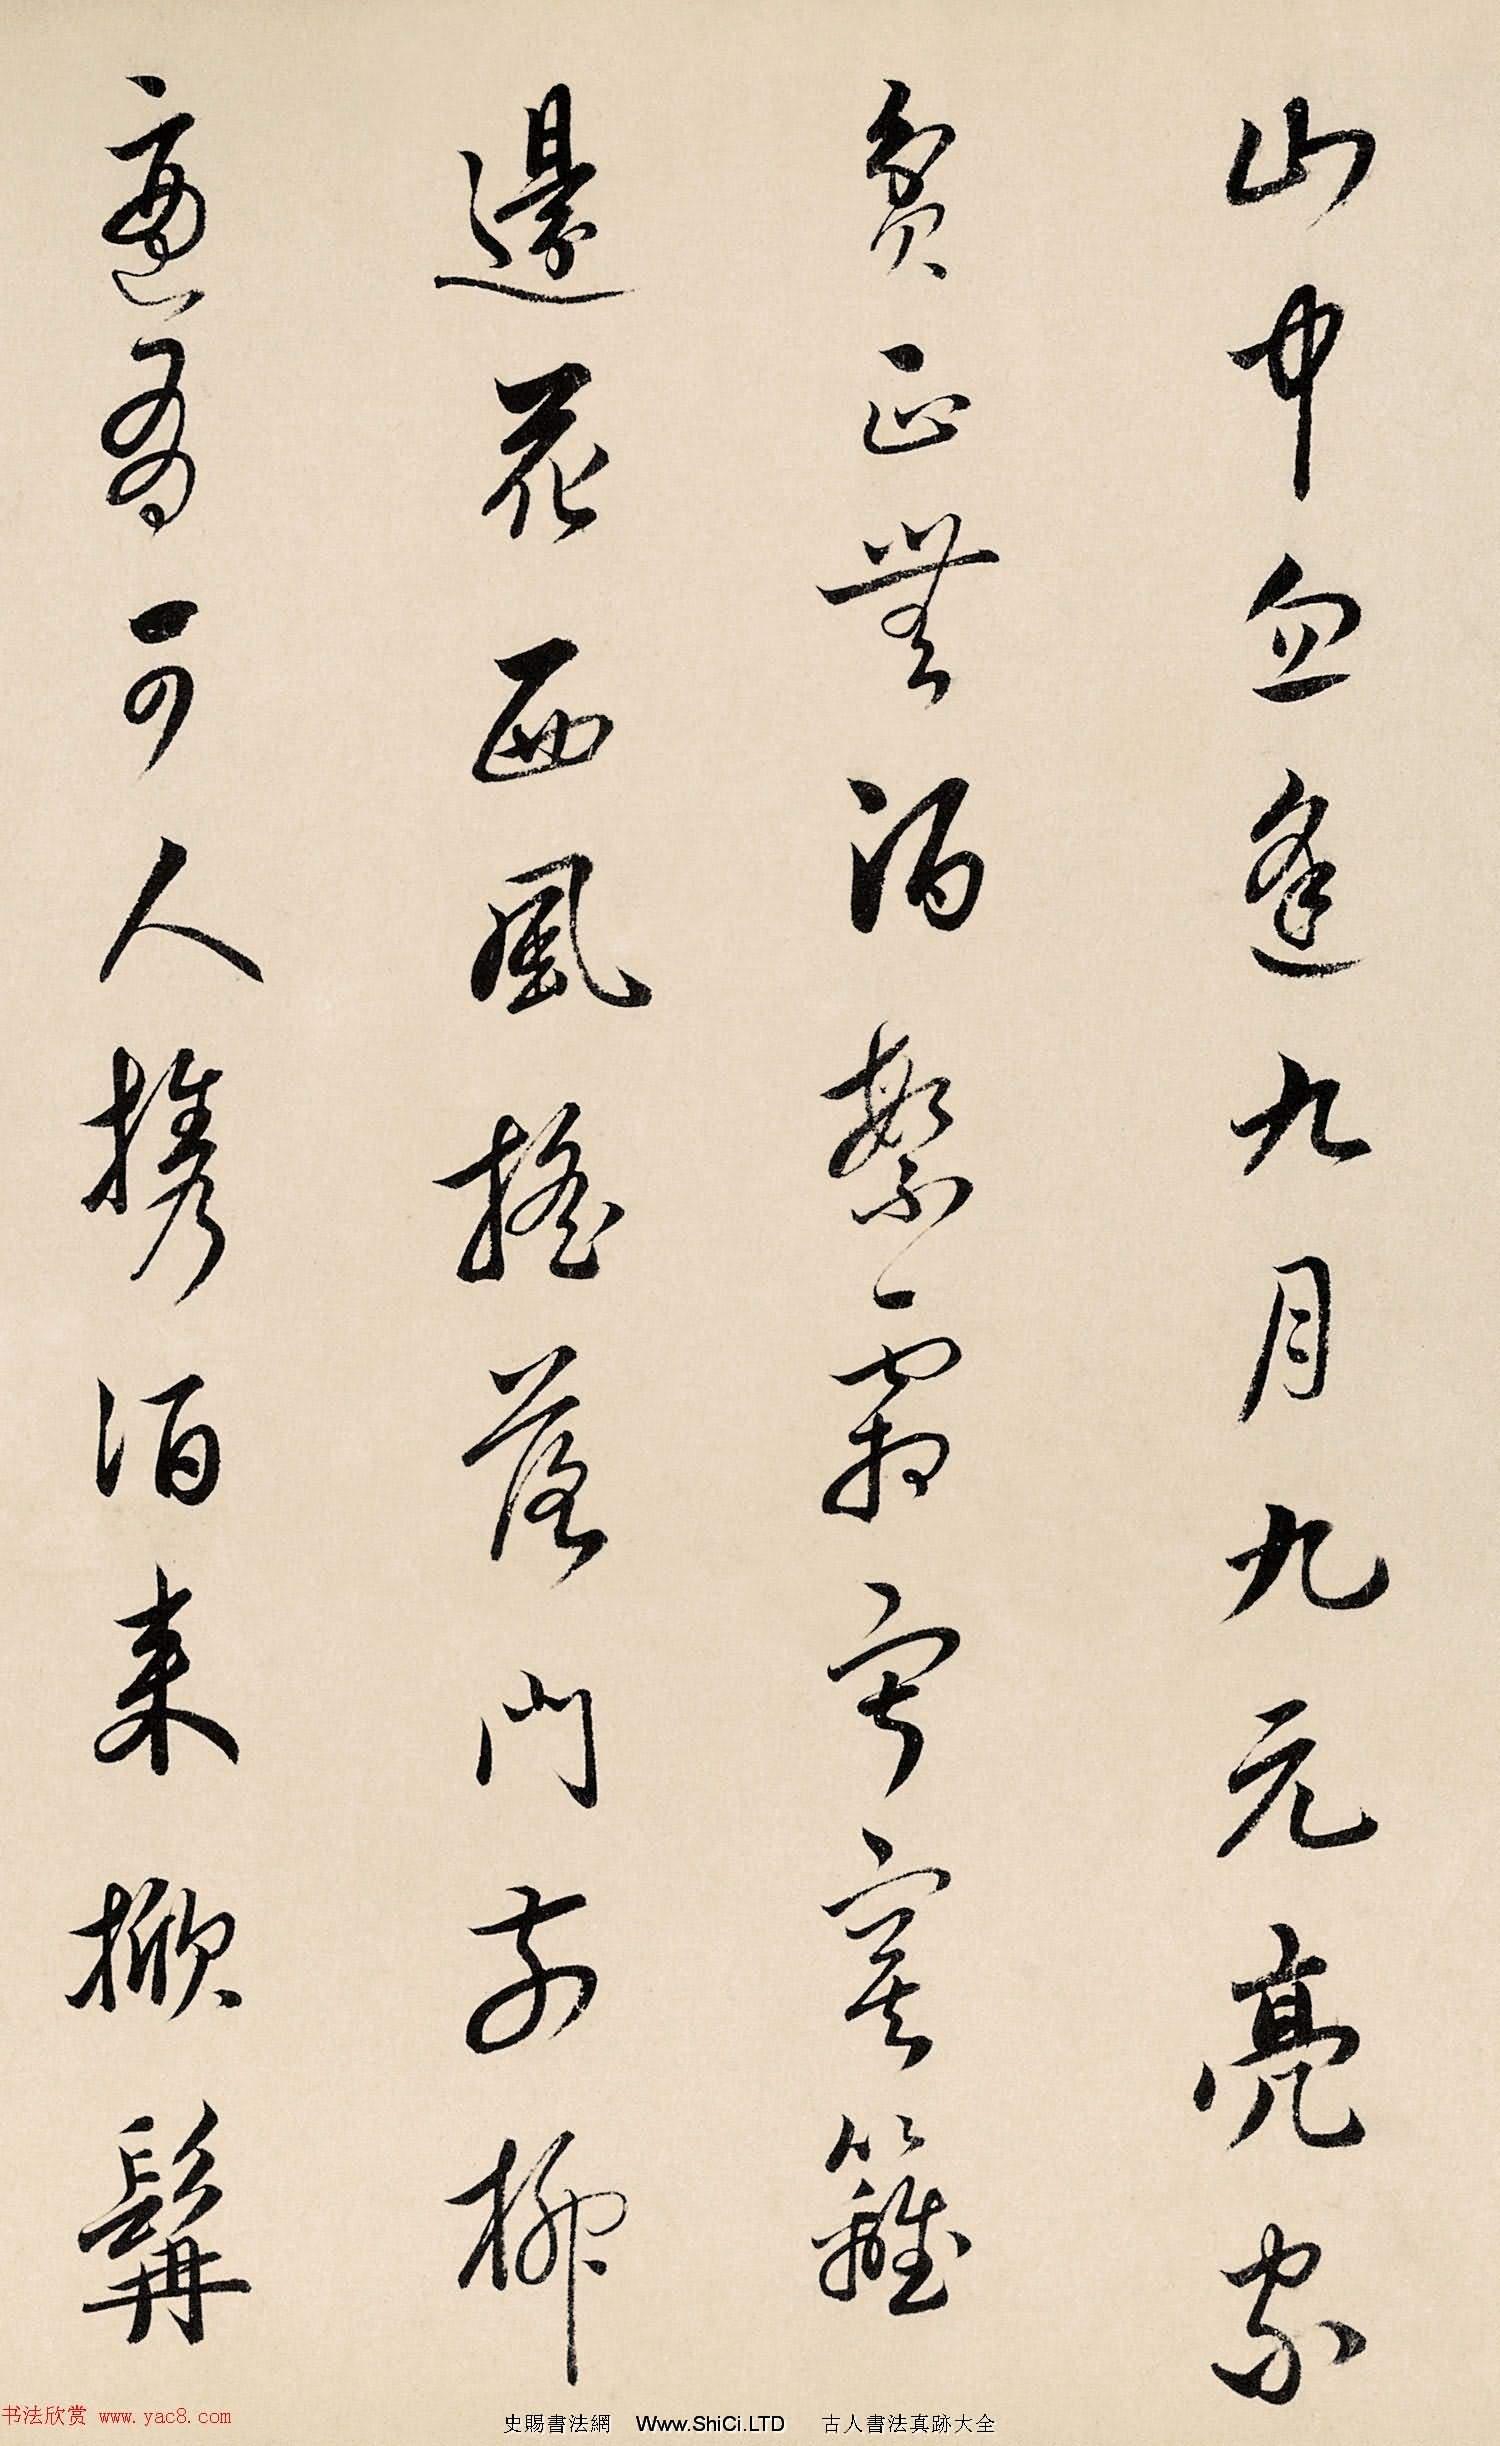 蔡哲書法題跋重陽節陶元亮賞菊圖